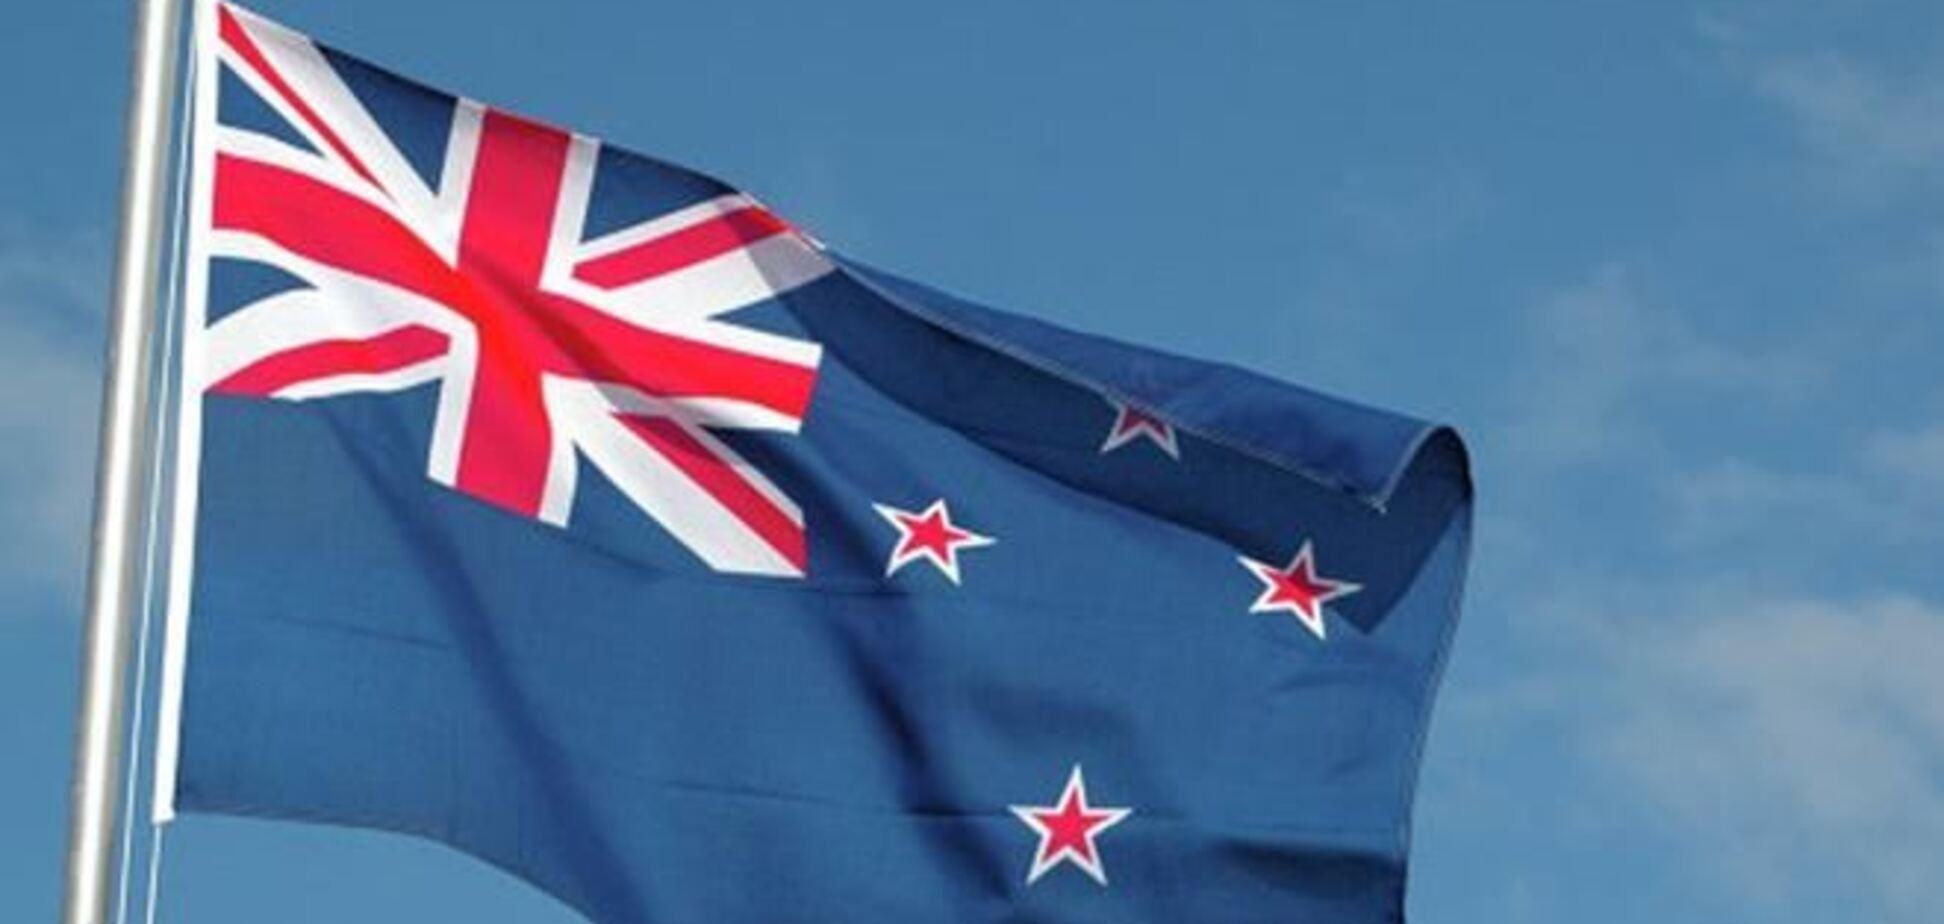 Из-за Украины Новая Зеландия приостановила переговоры по сотрудничеству с Таможенным союзом